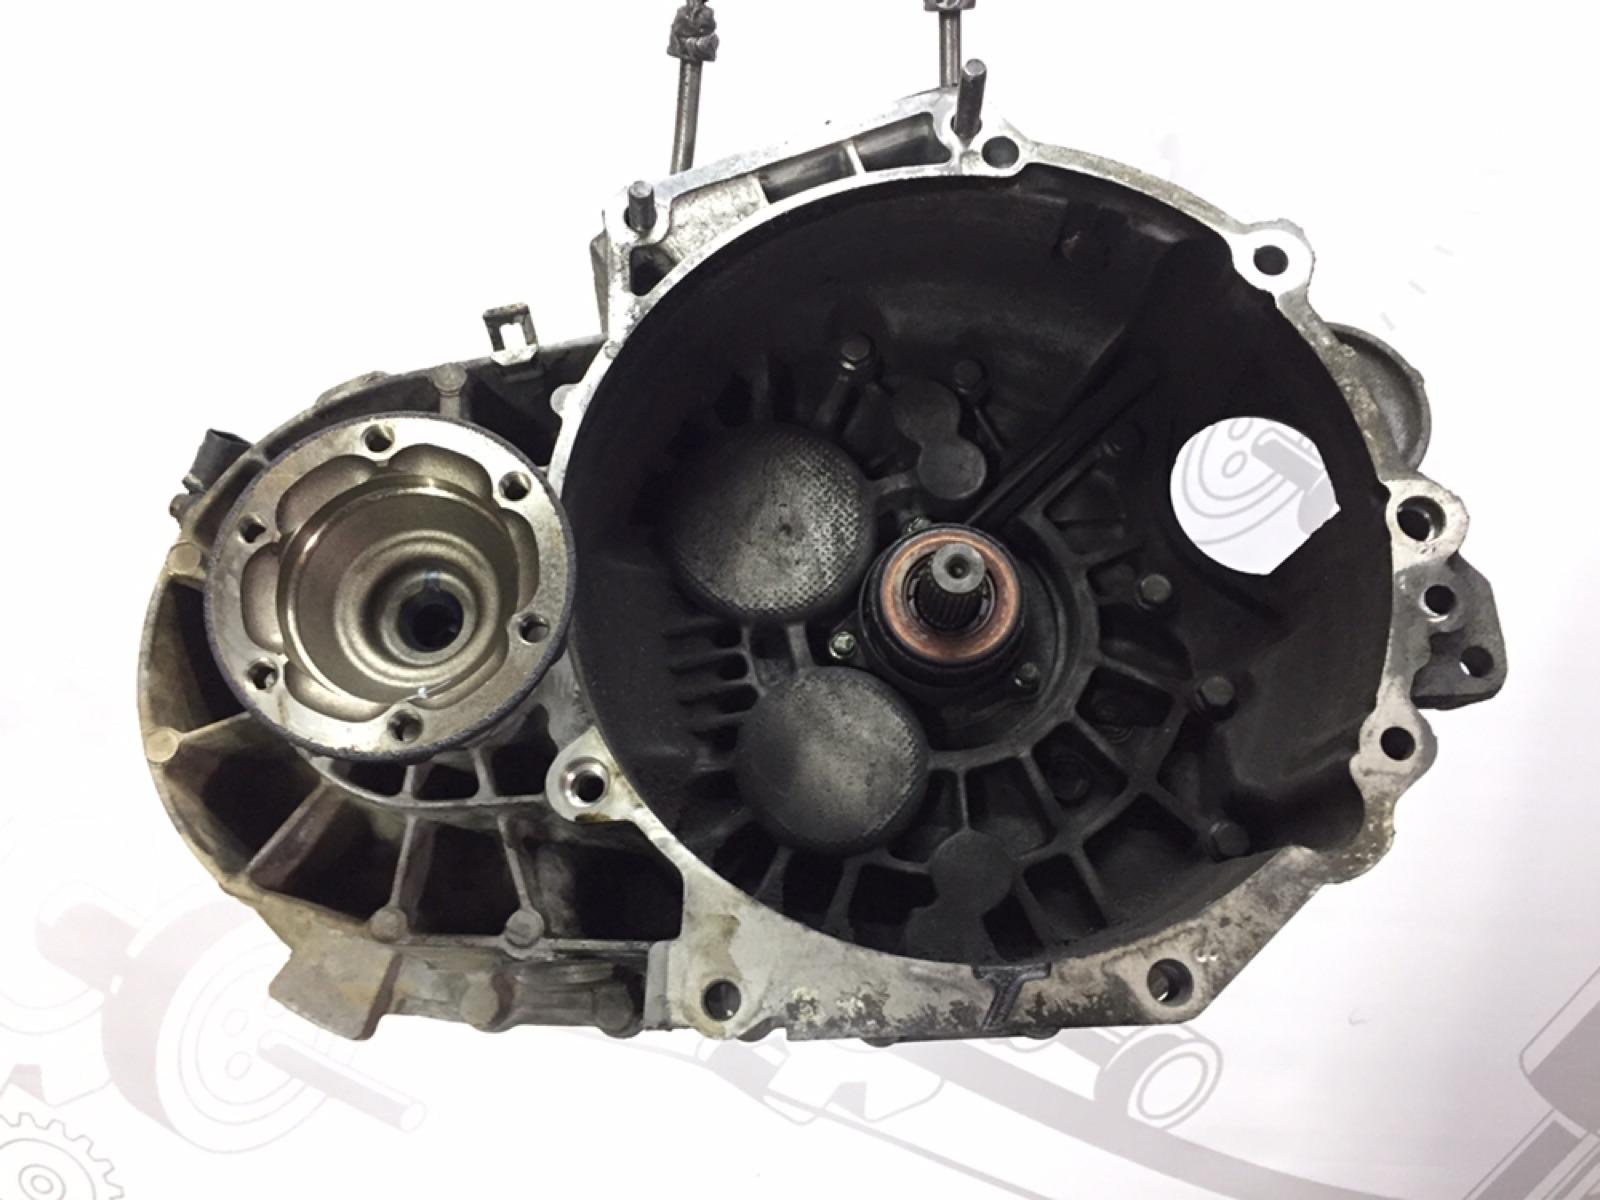 Кпп механическая (мкпп) Volkswagen Bora 1.9 TDI 2002 (б/у)